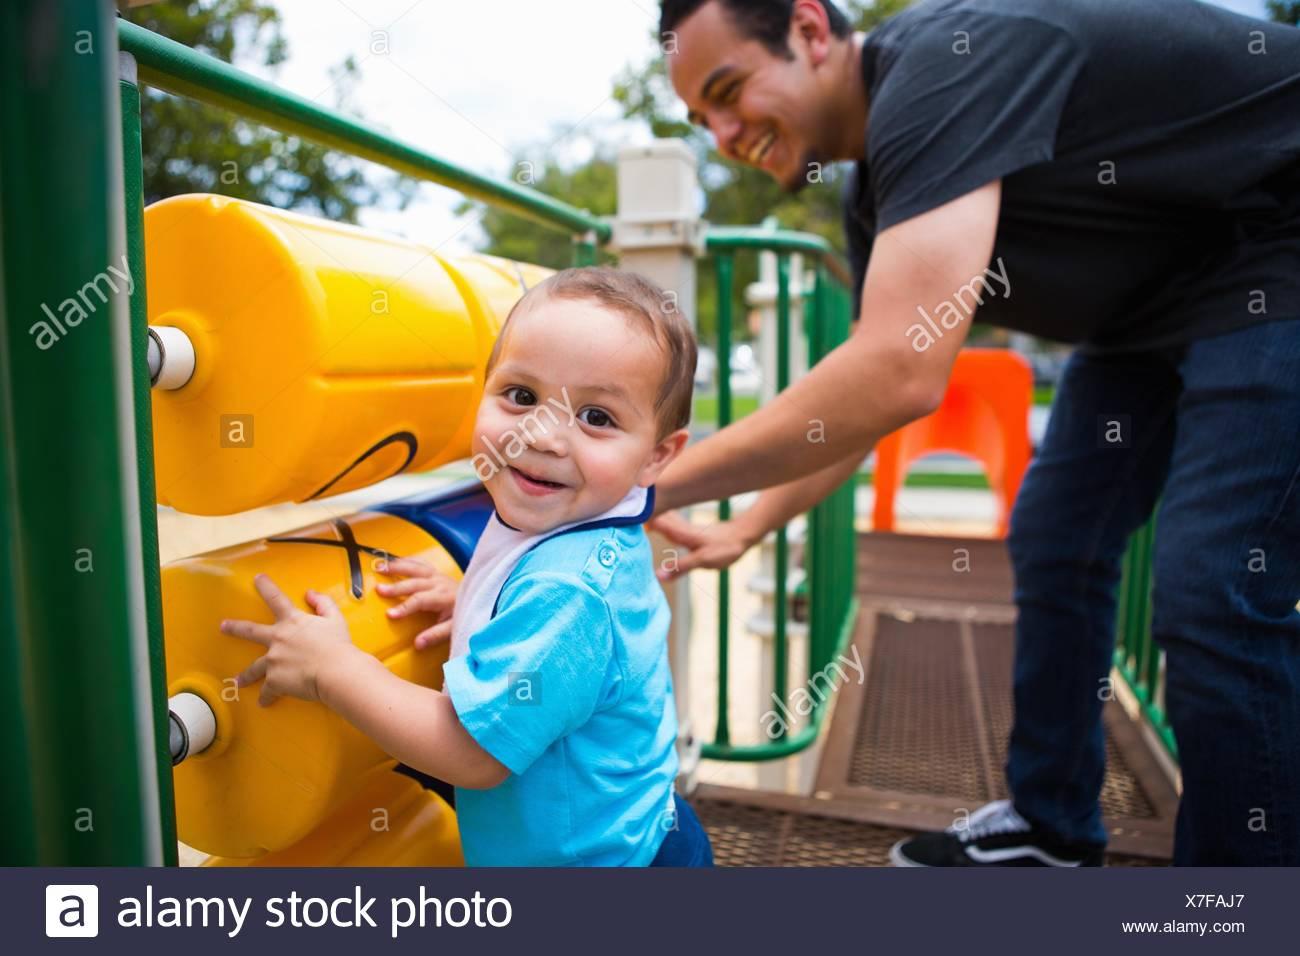 Junger Mann mit Kleinkind Bruder auf Spielgeräten spielen Stockbild